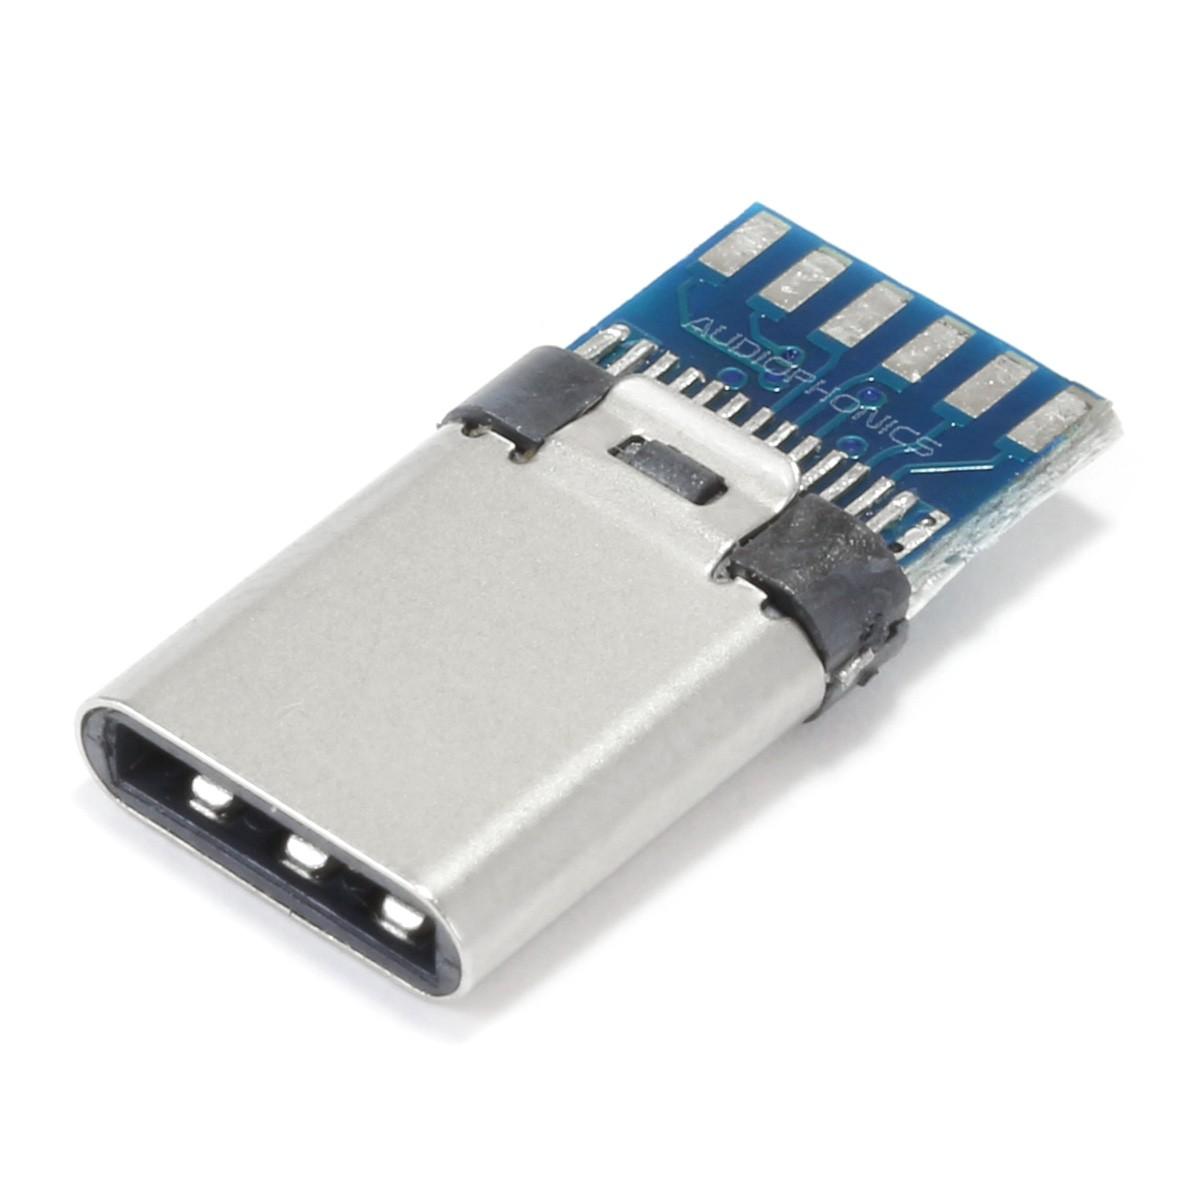 Male USB-C 3.1 DIY Connector OTG